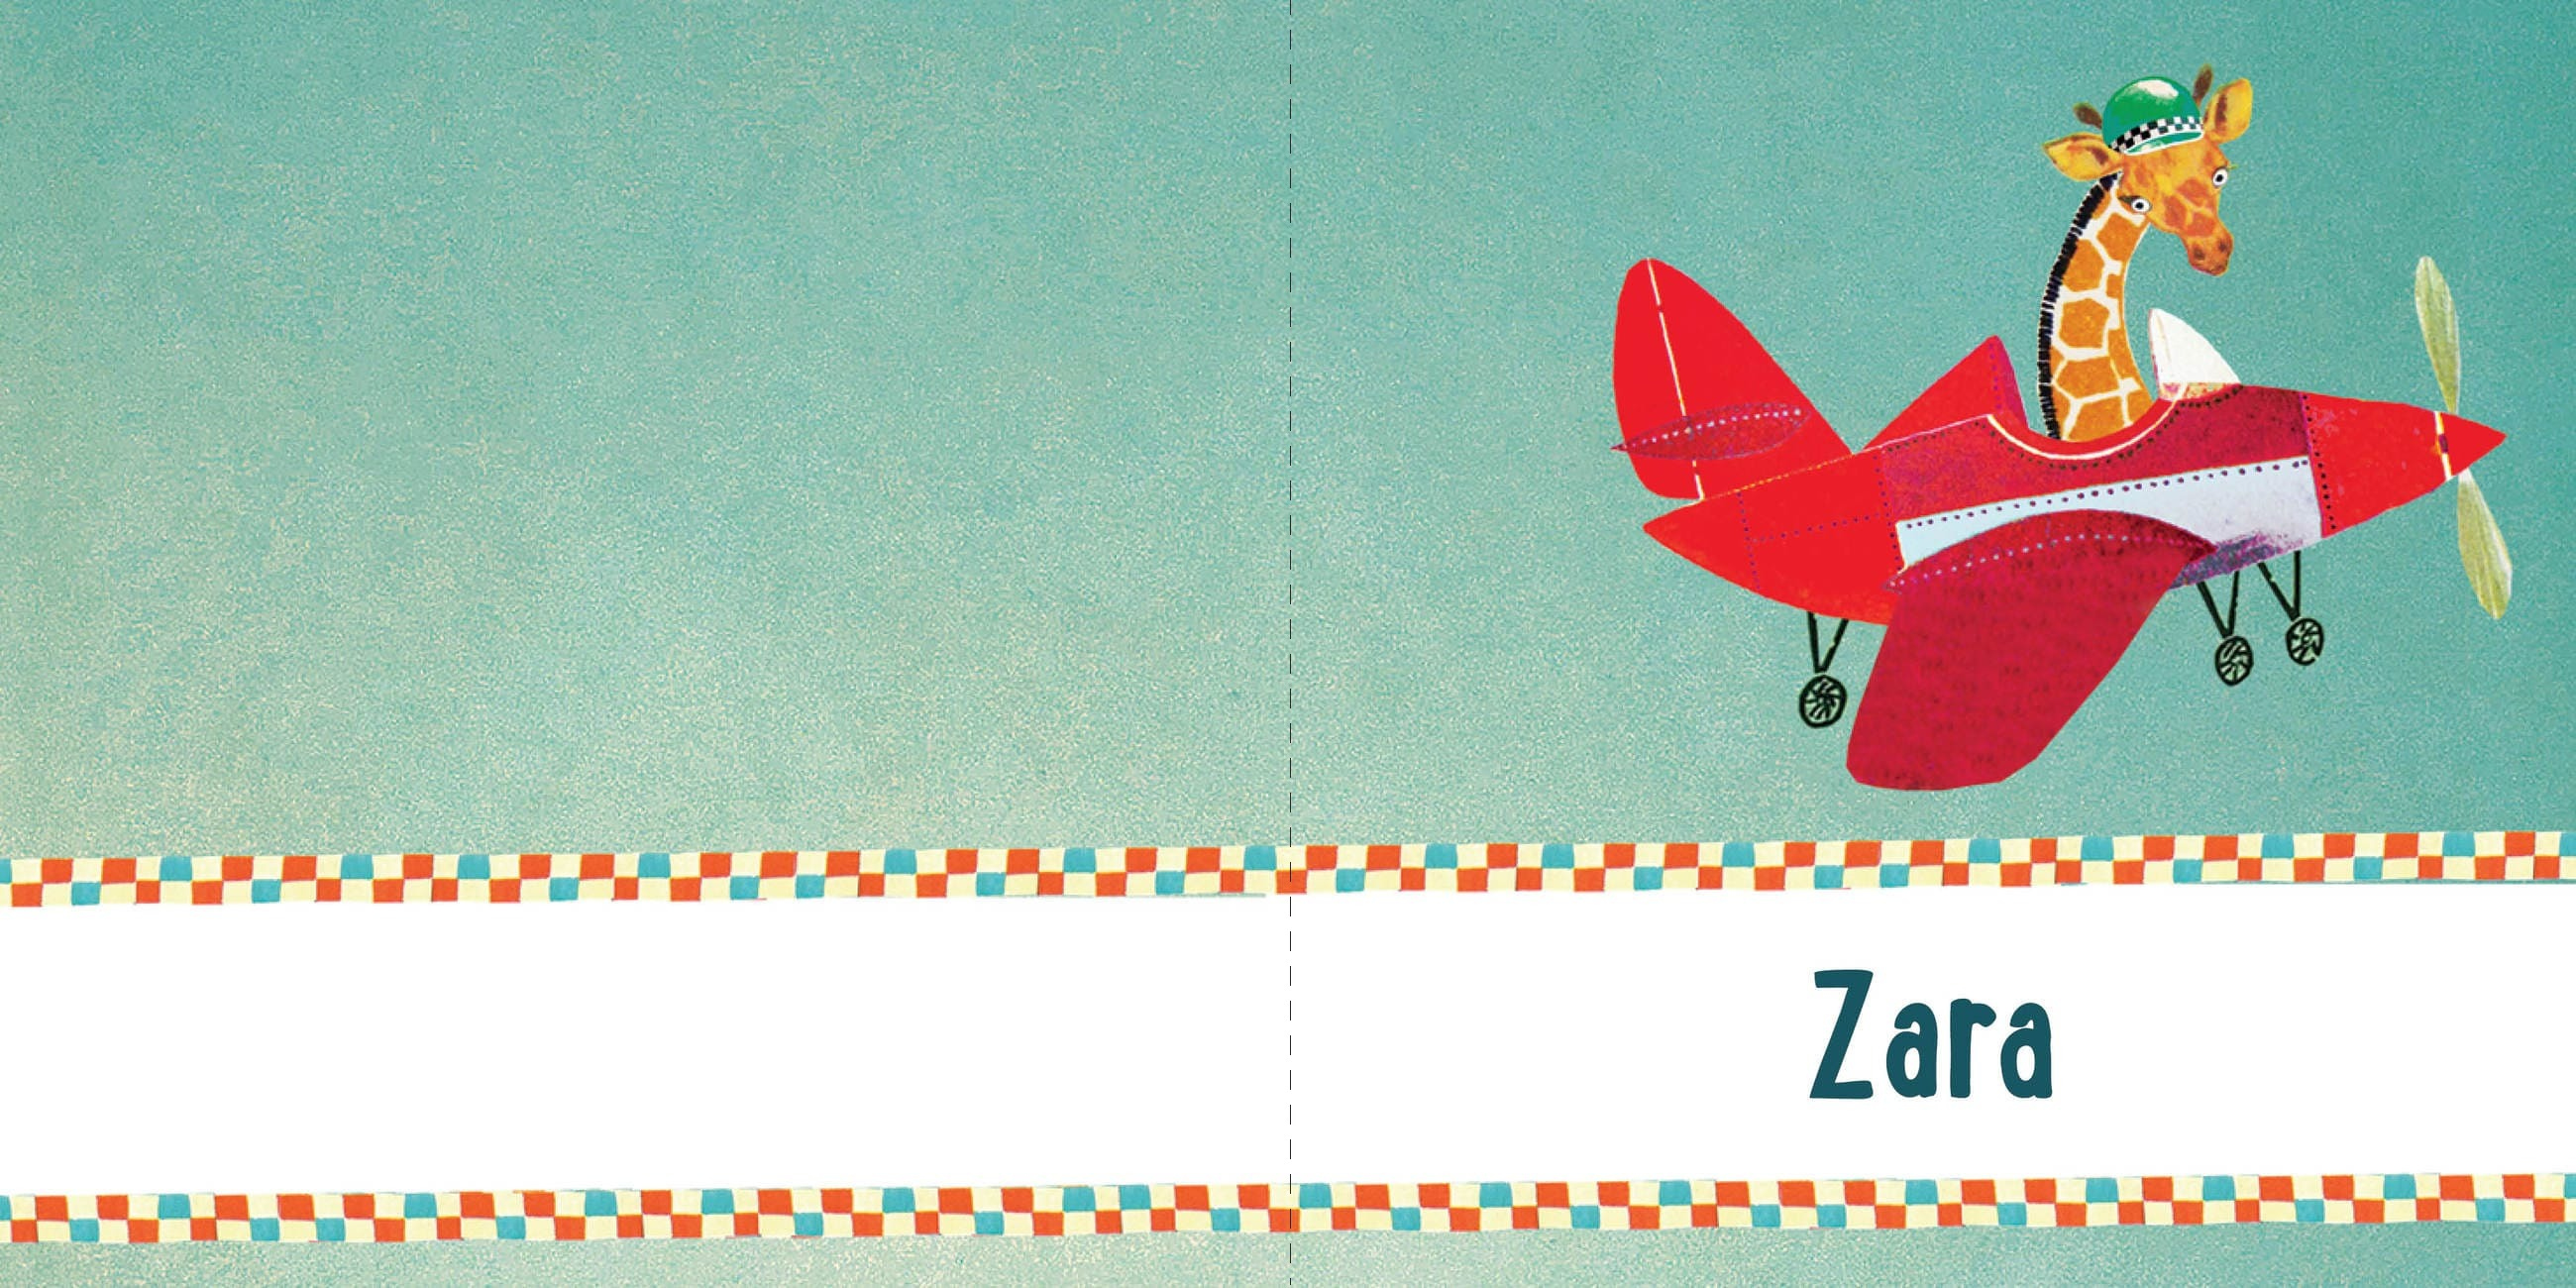 geboortekaartje budget goedkoopGeboortekaartje aankondiging announcement birth kaartje birthcard card baby babycard Origineel uniek feest vintage retro poesie nostalgie gezellig vrolijk kleurrijk stoer schattig nostalgisch fantasie creatief art kunst illustratie illustration gouden boekje kijkplaat zoekprent zoekplaat zoekboek kinderboek festival reizen gepersonaliseerd Bloemen dieren broer zus kindje meisje jongen genderneutraal gender neutraal cultuur huidskleur zwart donker Turks Chinees halfbloed Marokkaans Surinaams Antilliaans safari bus dieren dierentuin giraffe vliegtuig vrolijk